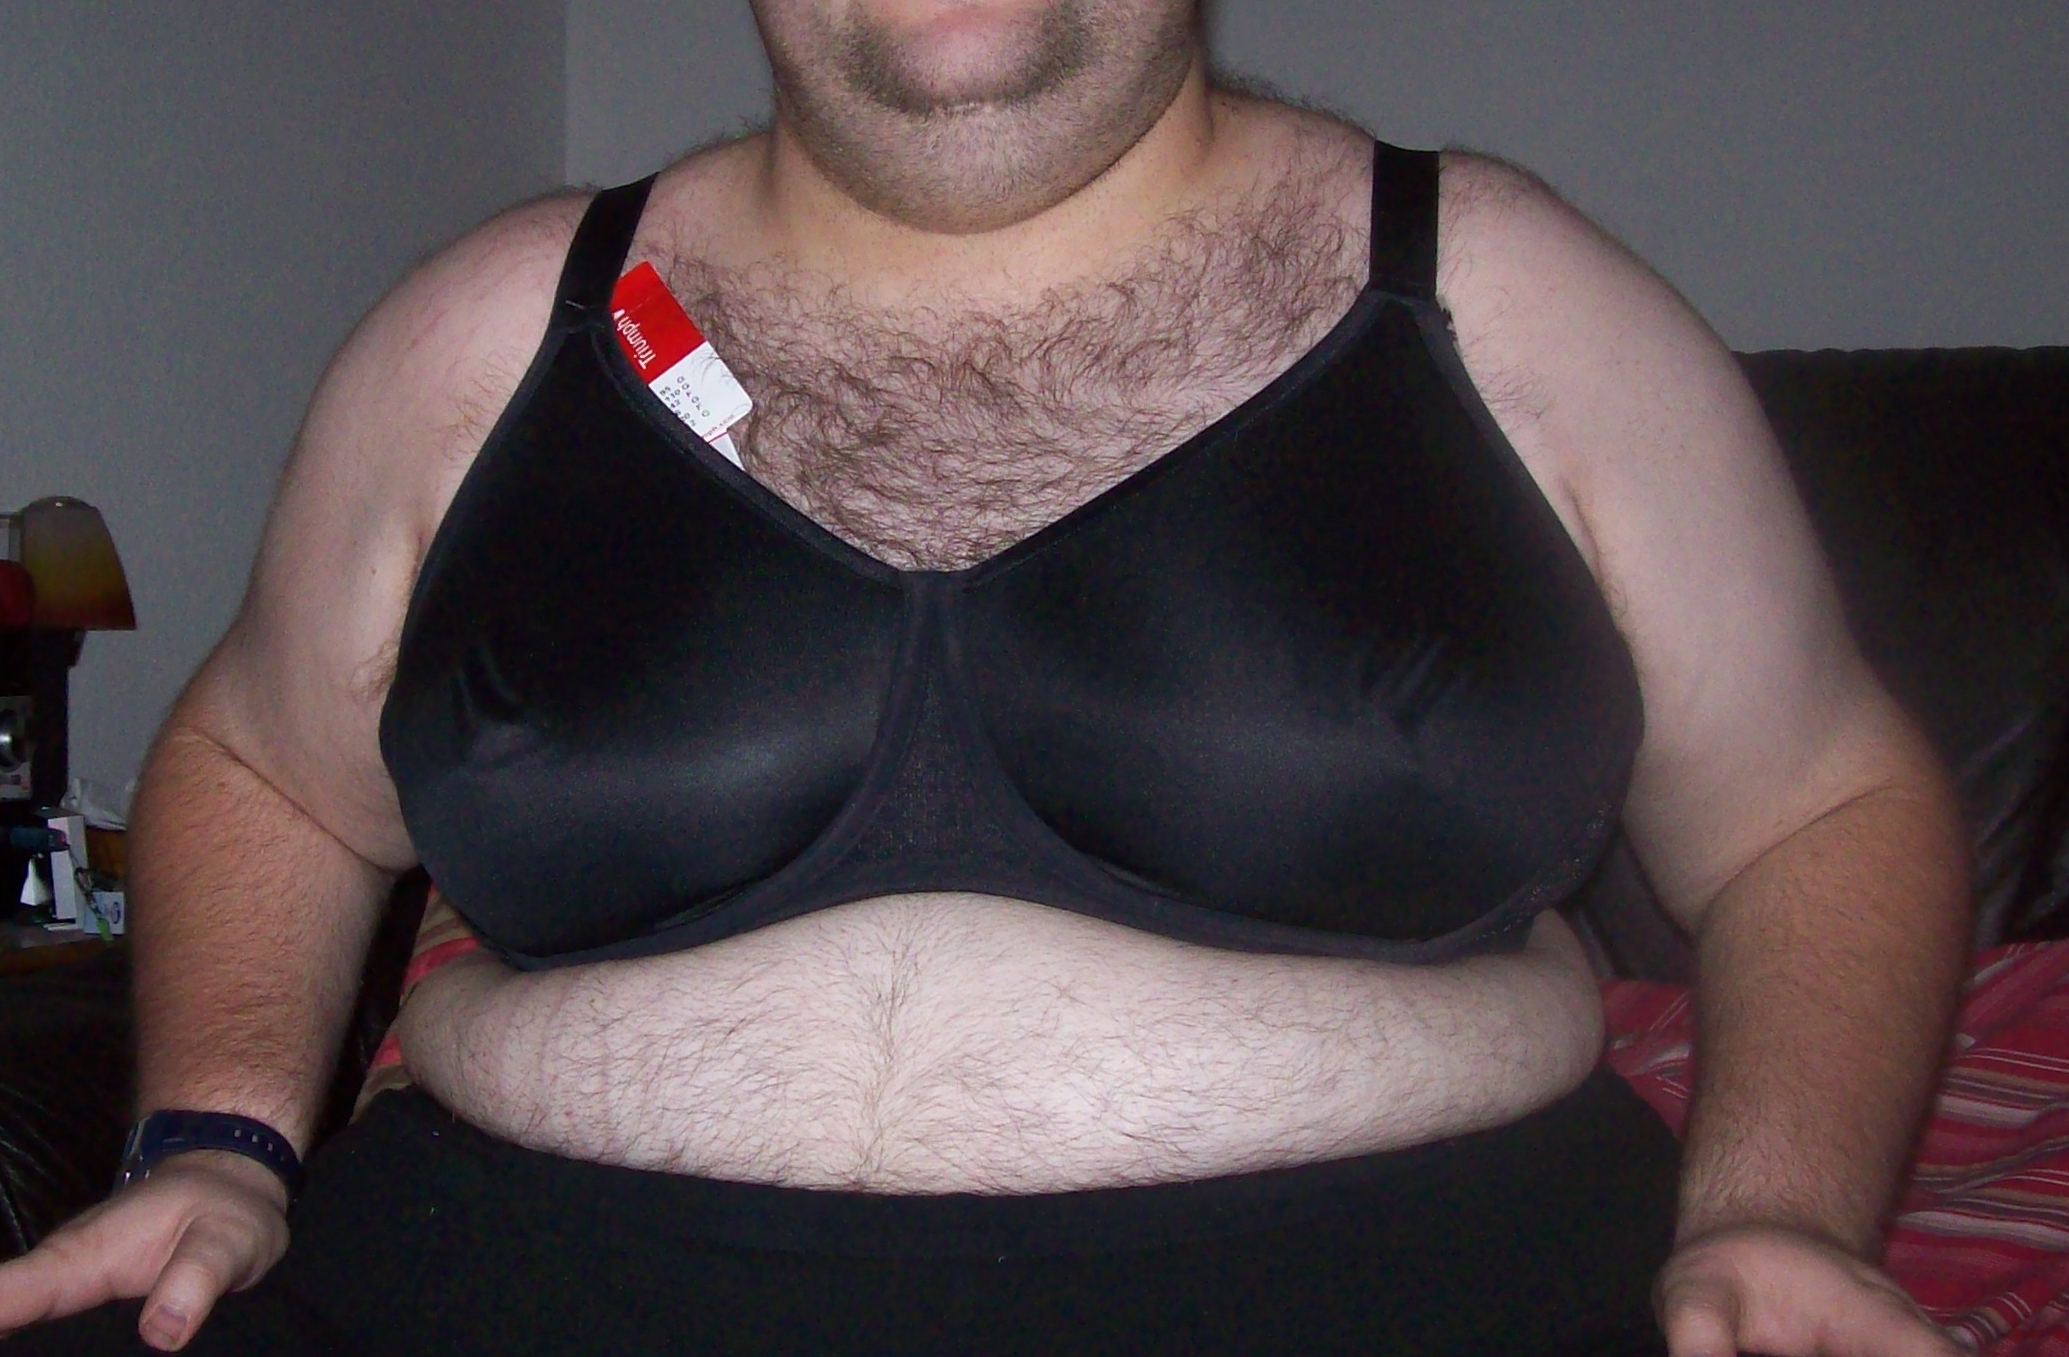 Mann tragen bh BH Größe